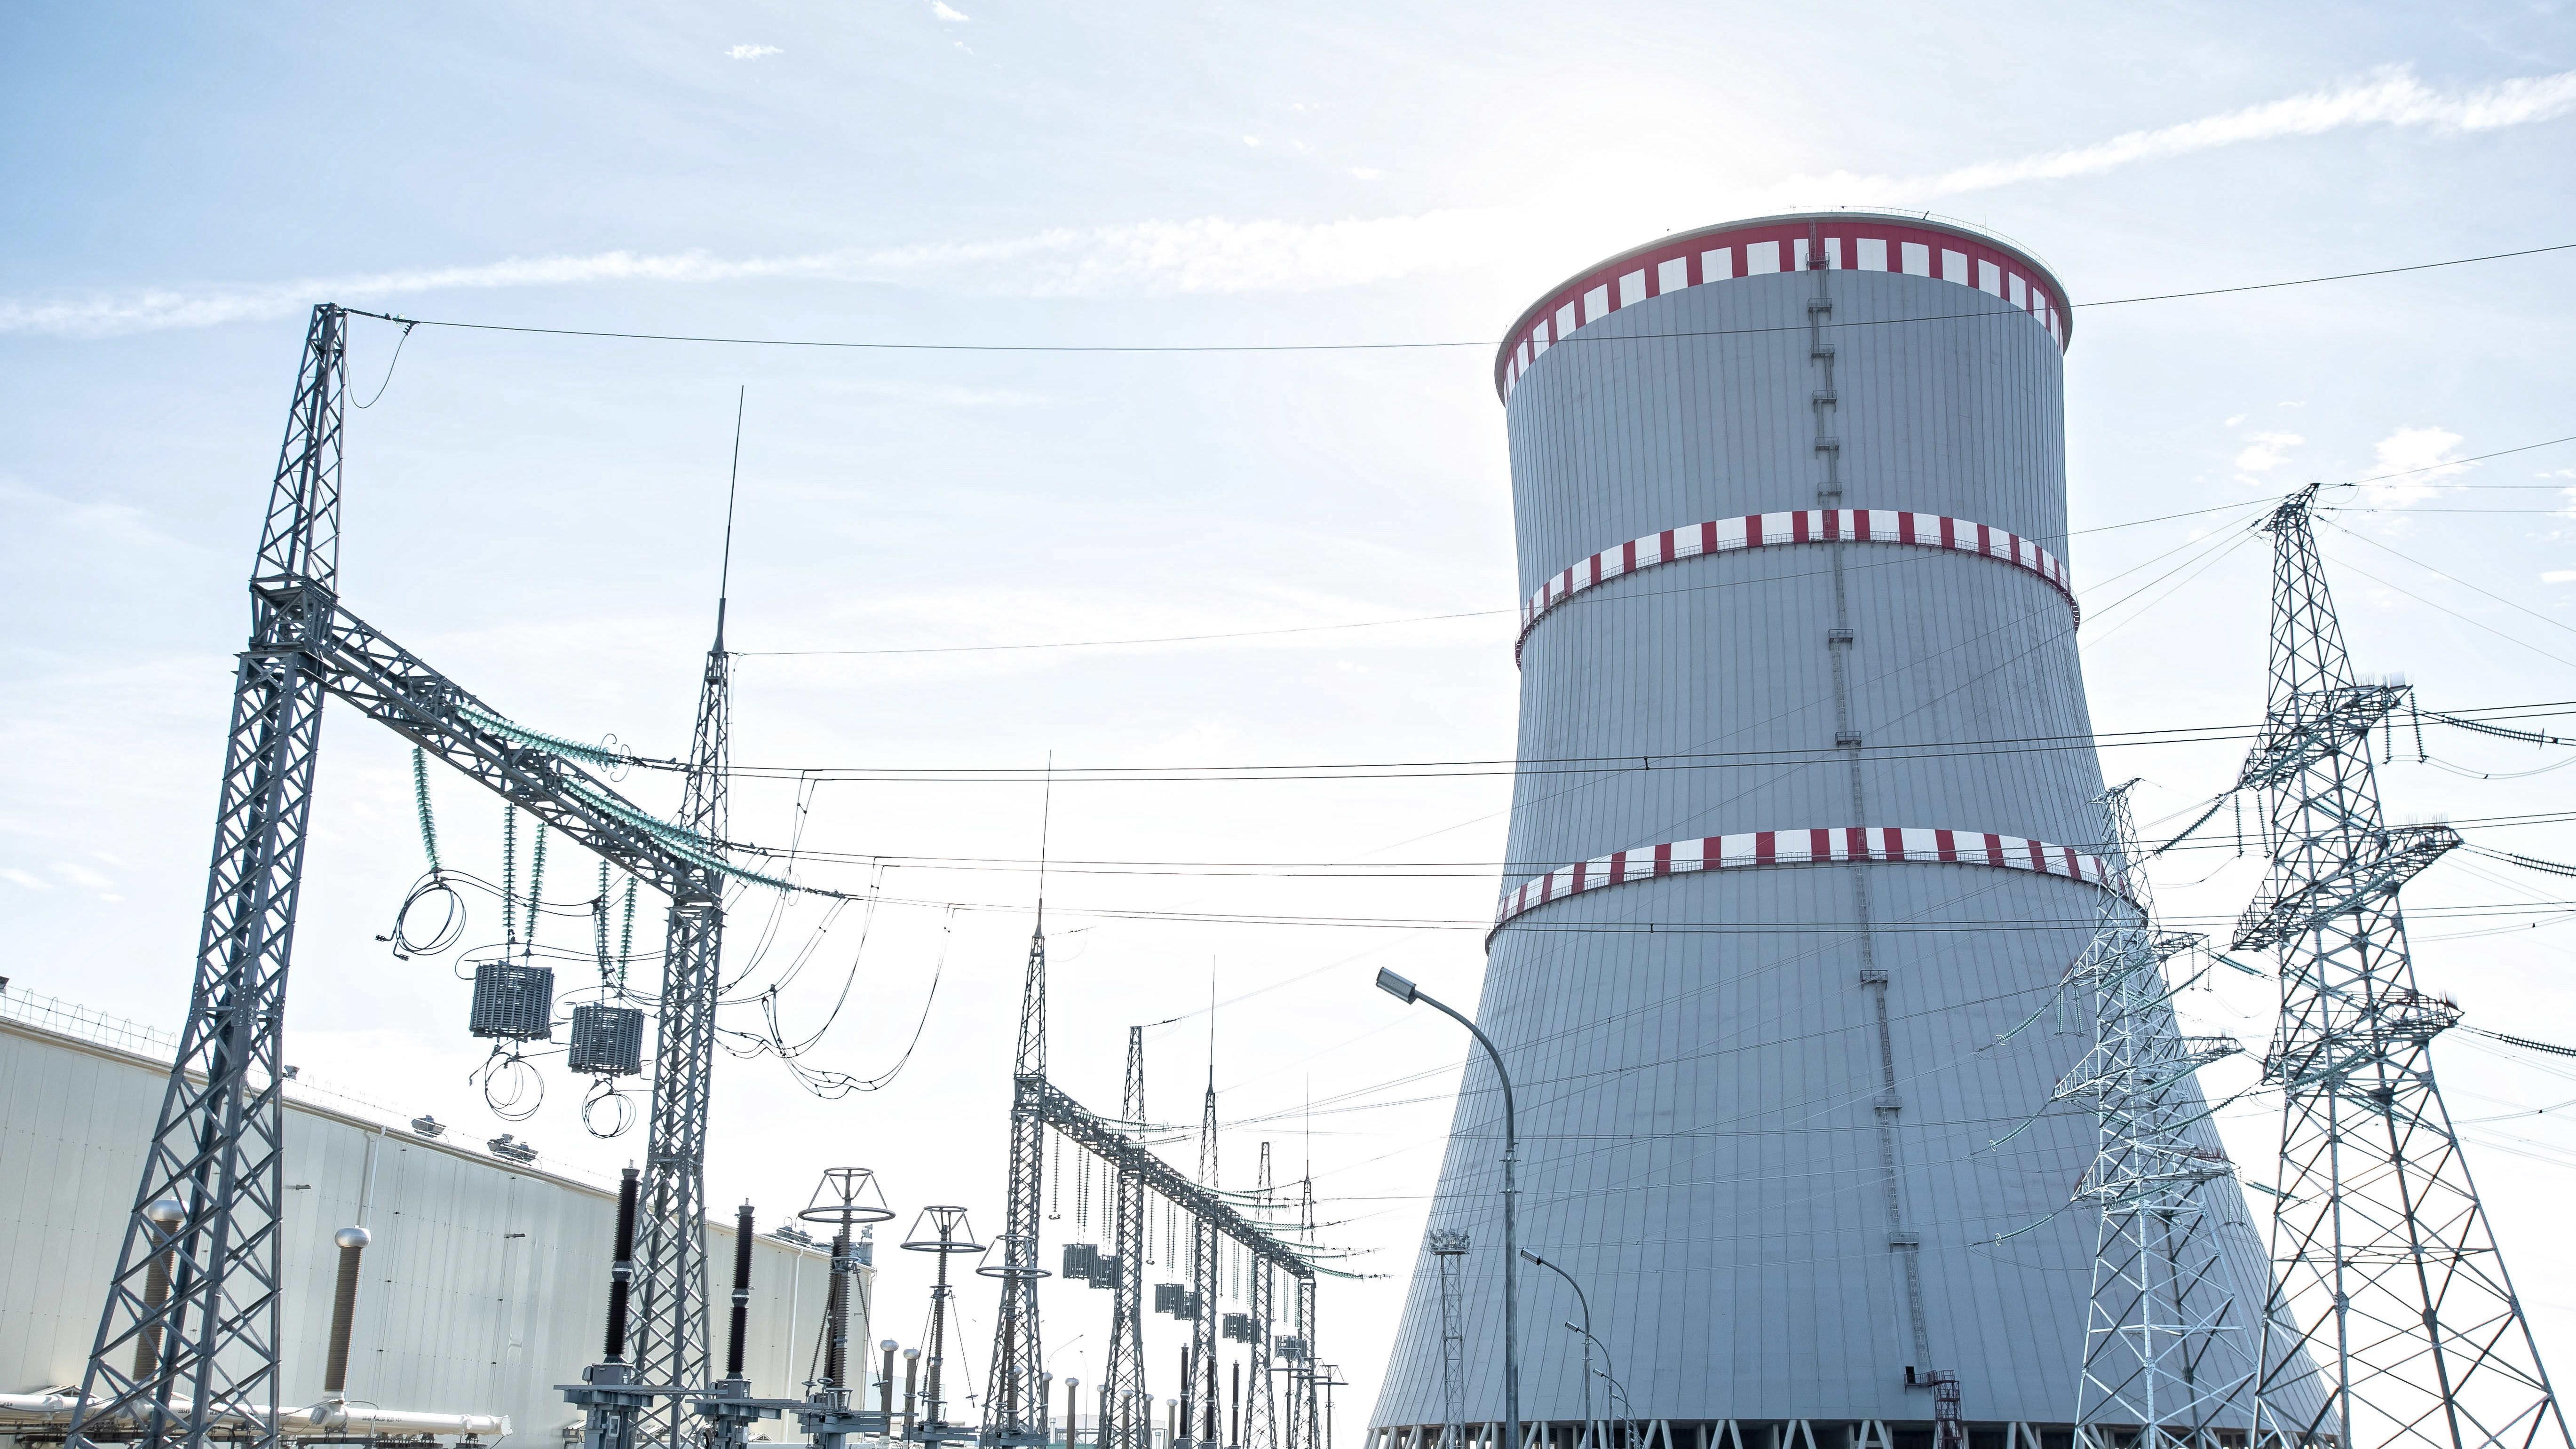 Ydinvoimalan jäädytystorni Valko-Venäjällä.